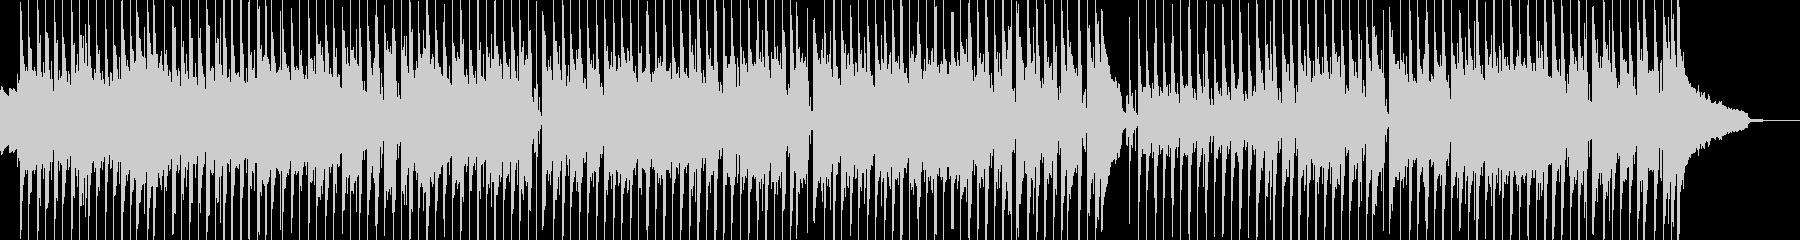 日常的なほのぼの打楽器ポップス 短尺★の未再生の波形